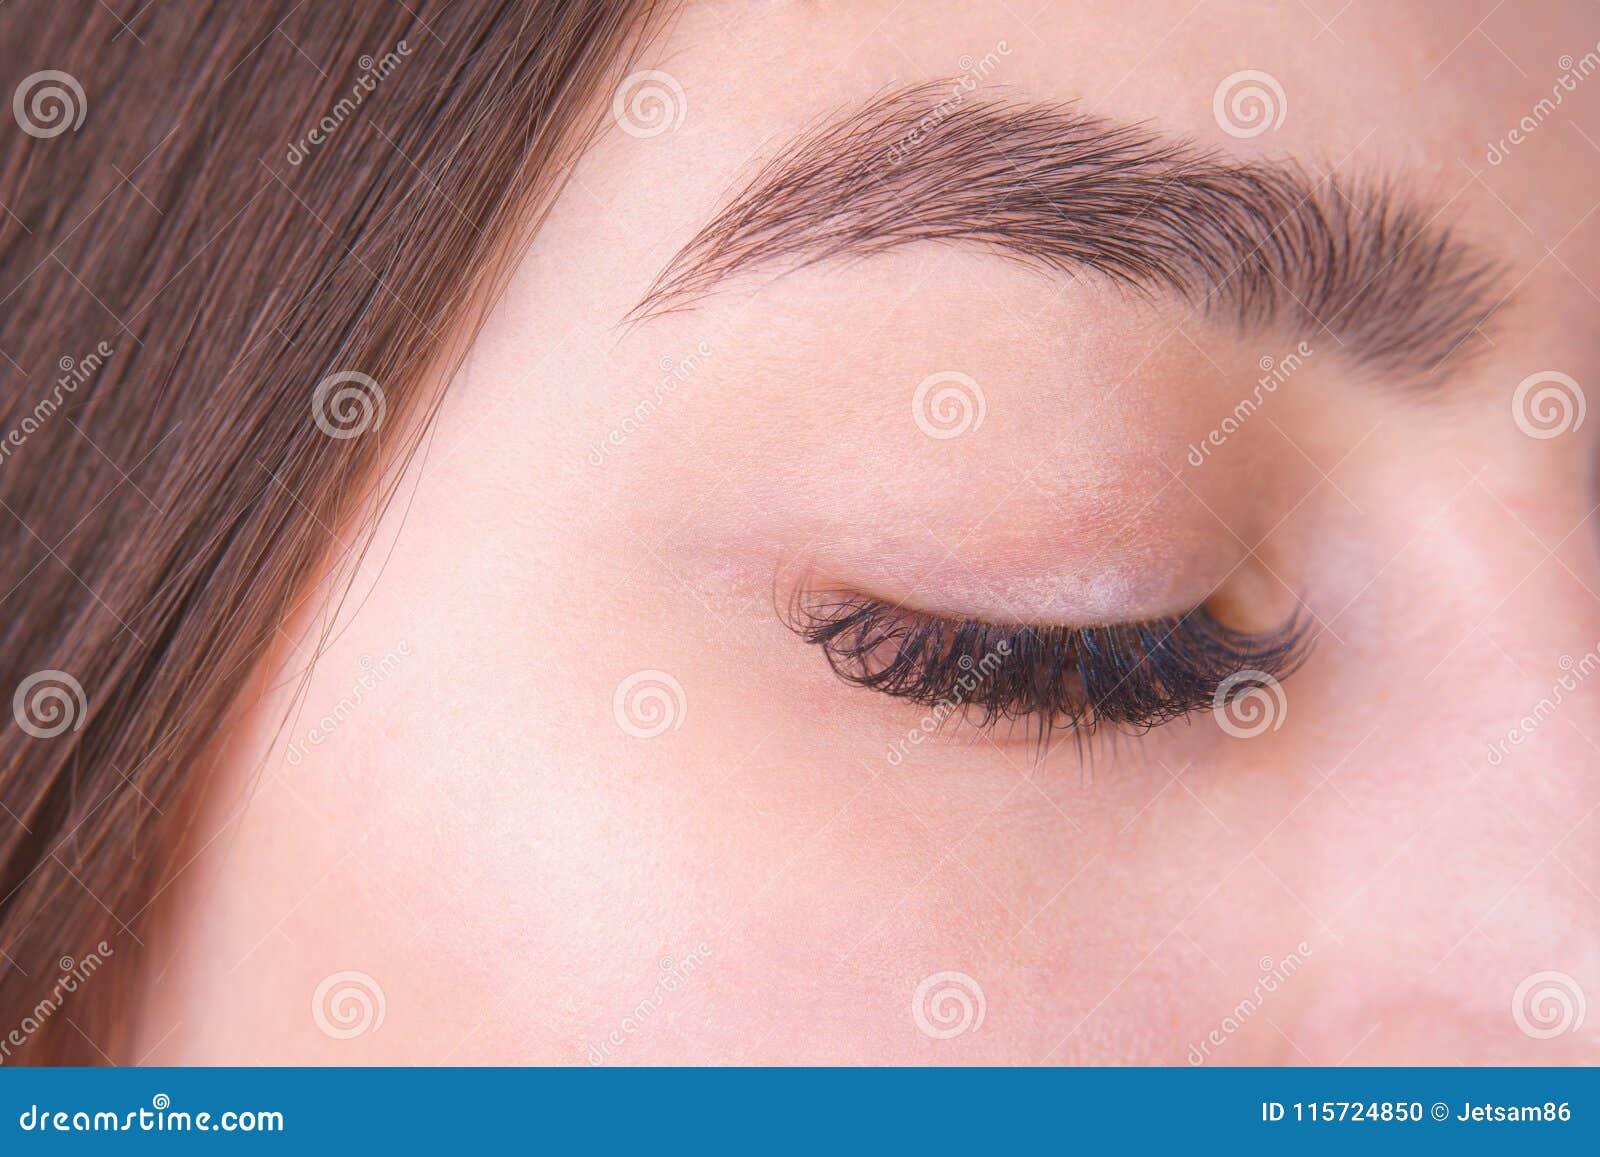 与长的睫毛和美丽的眼眉,克洛的闭合的女性眼睛